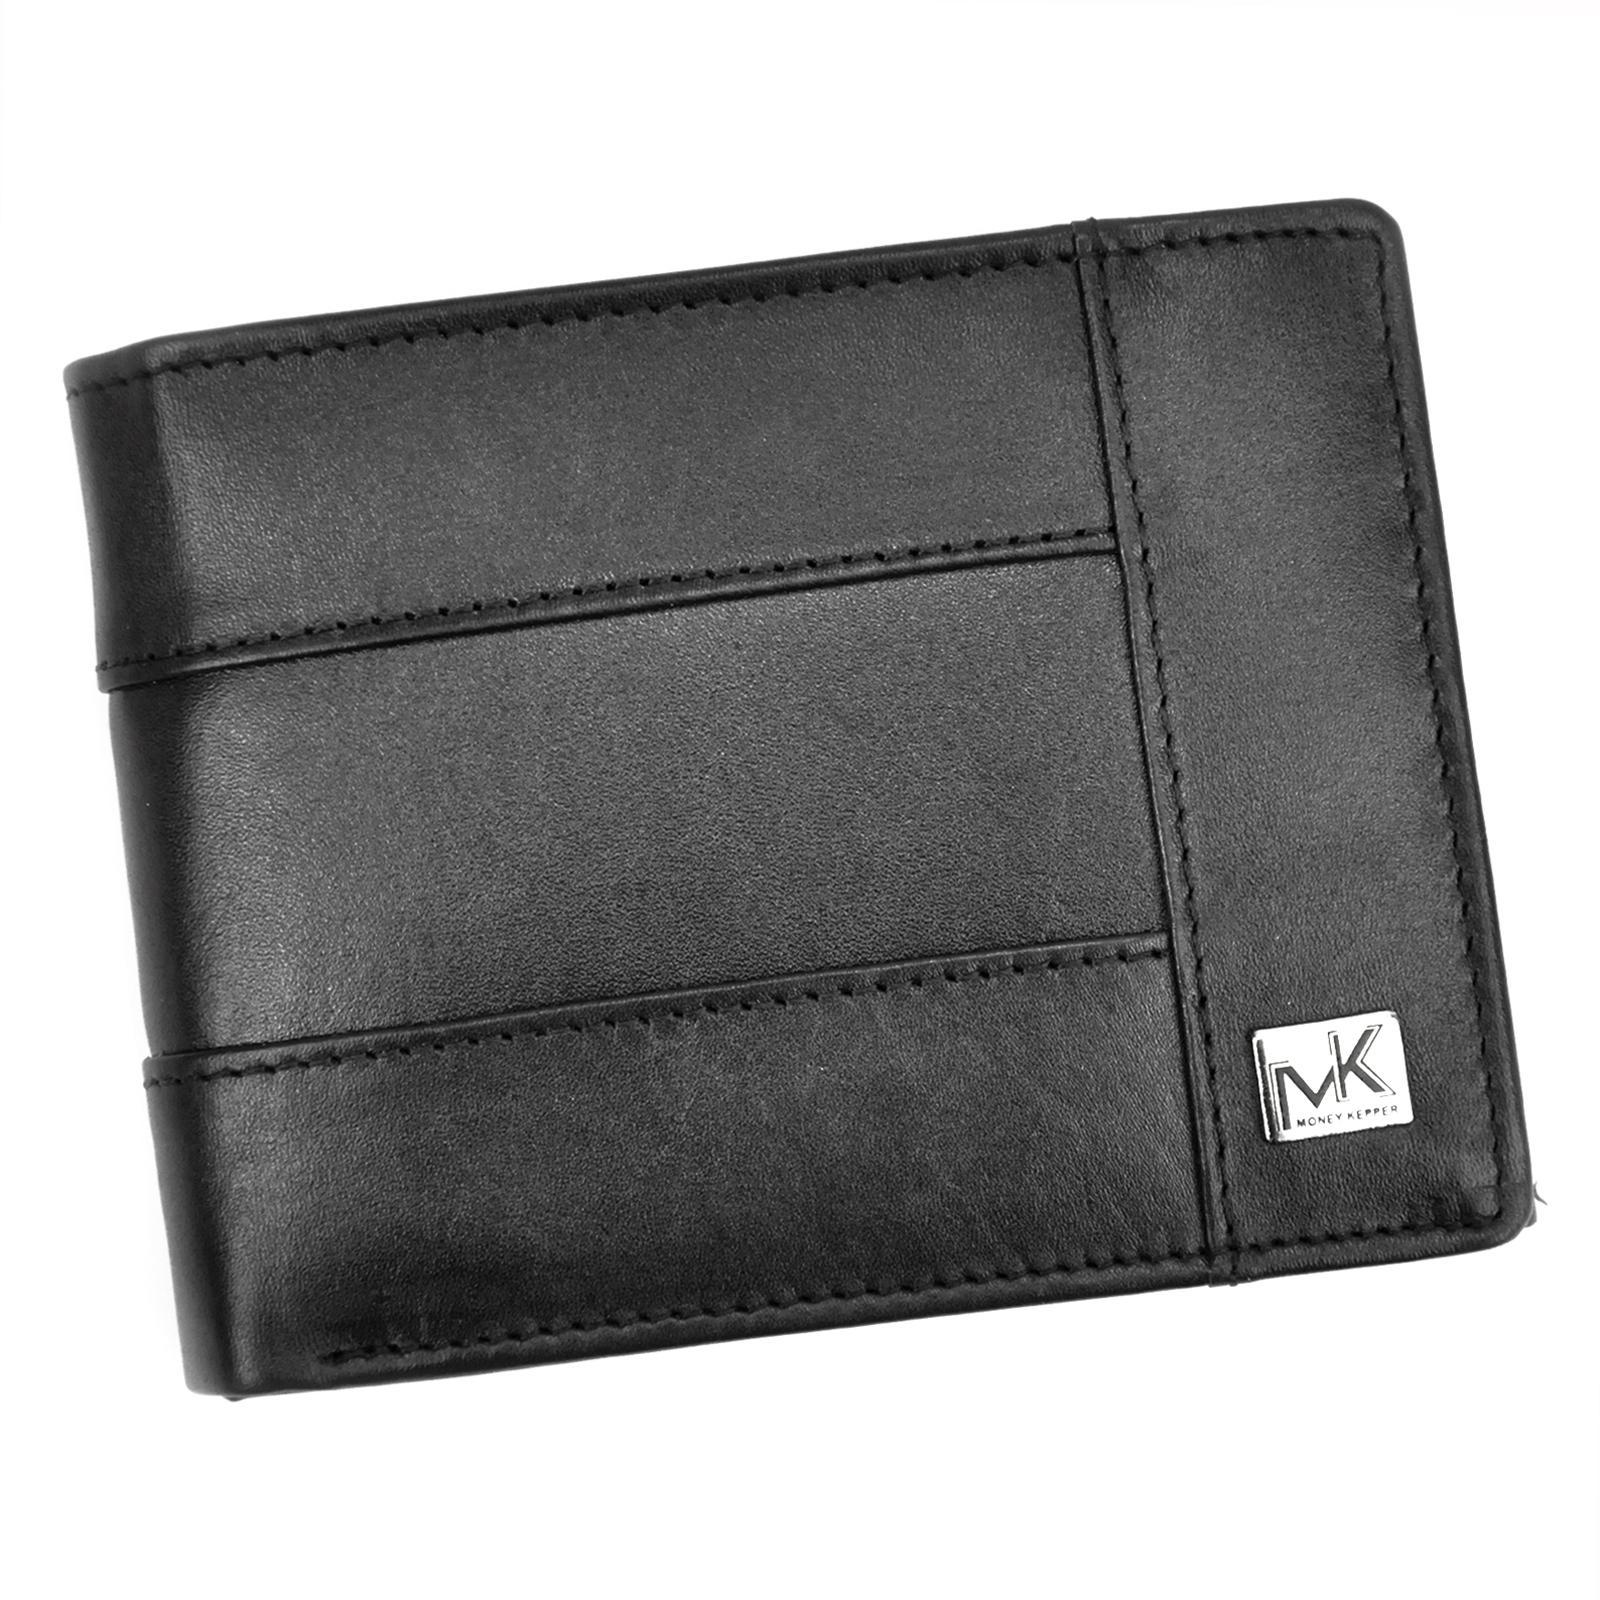 Pánska kožená peňaženka Money Kepper